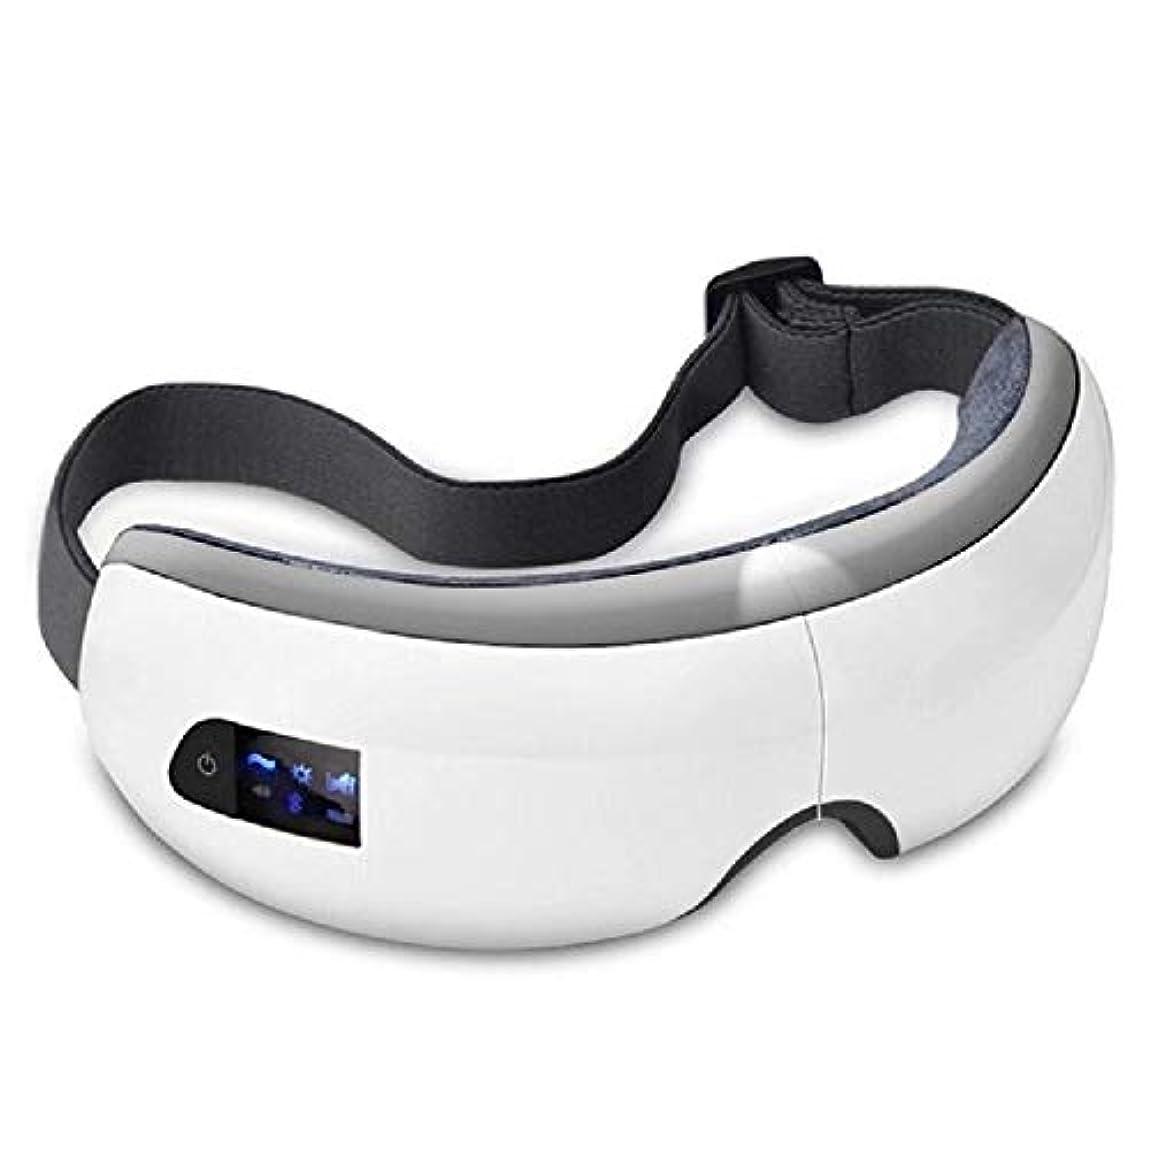 局採用そよ風Ruzzy 流行の目のマッサージのSPAの器械、熱療法が付いている電気アイマッサージャー 購入へようこそ